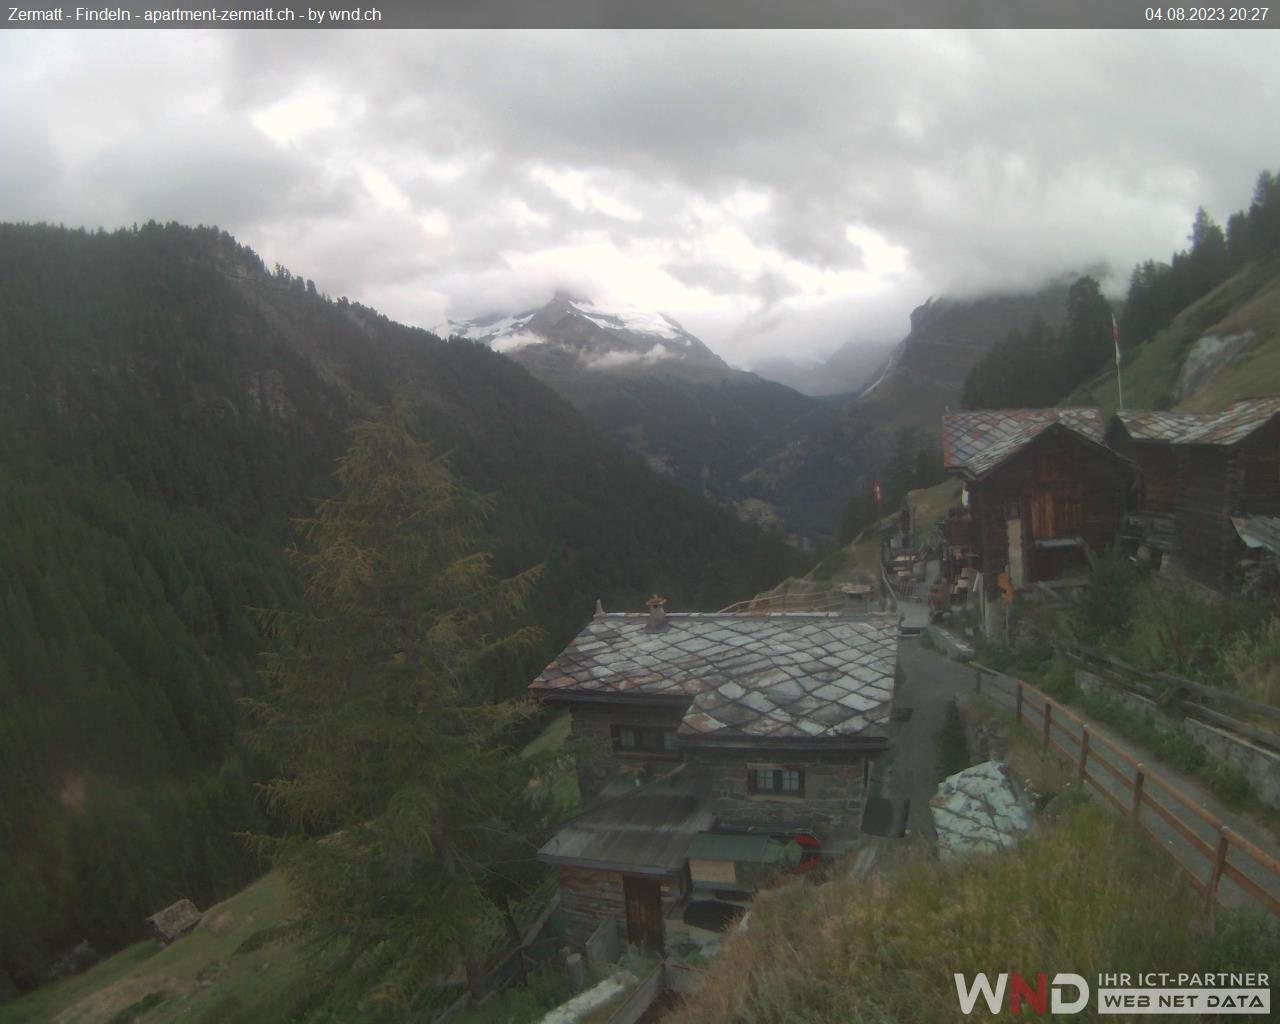 Webcams de Zermatt